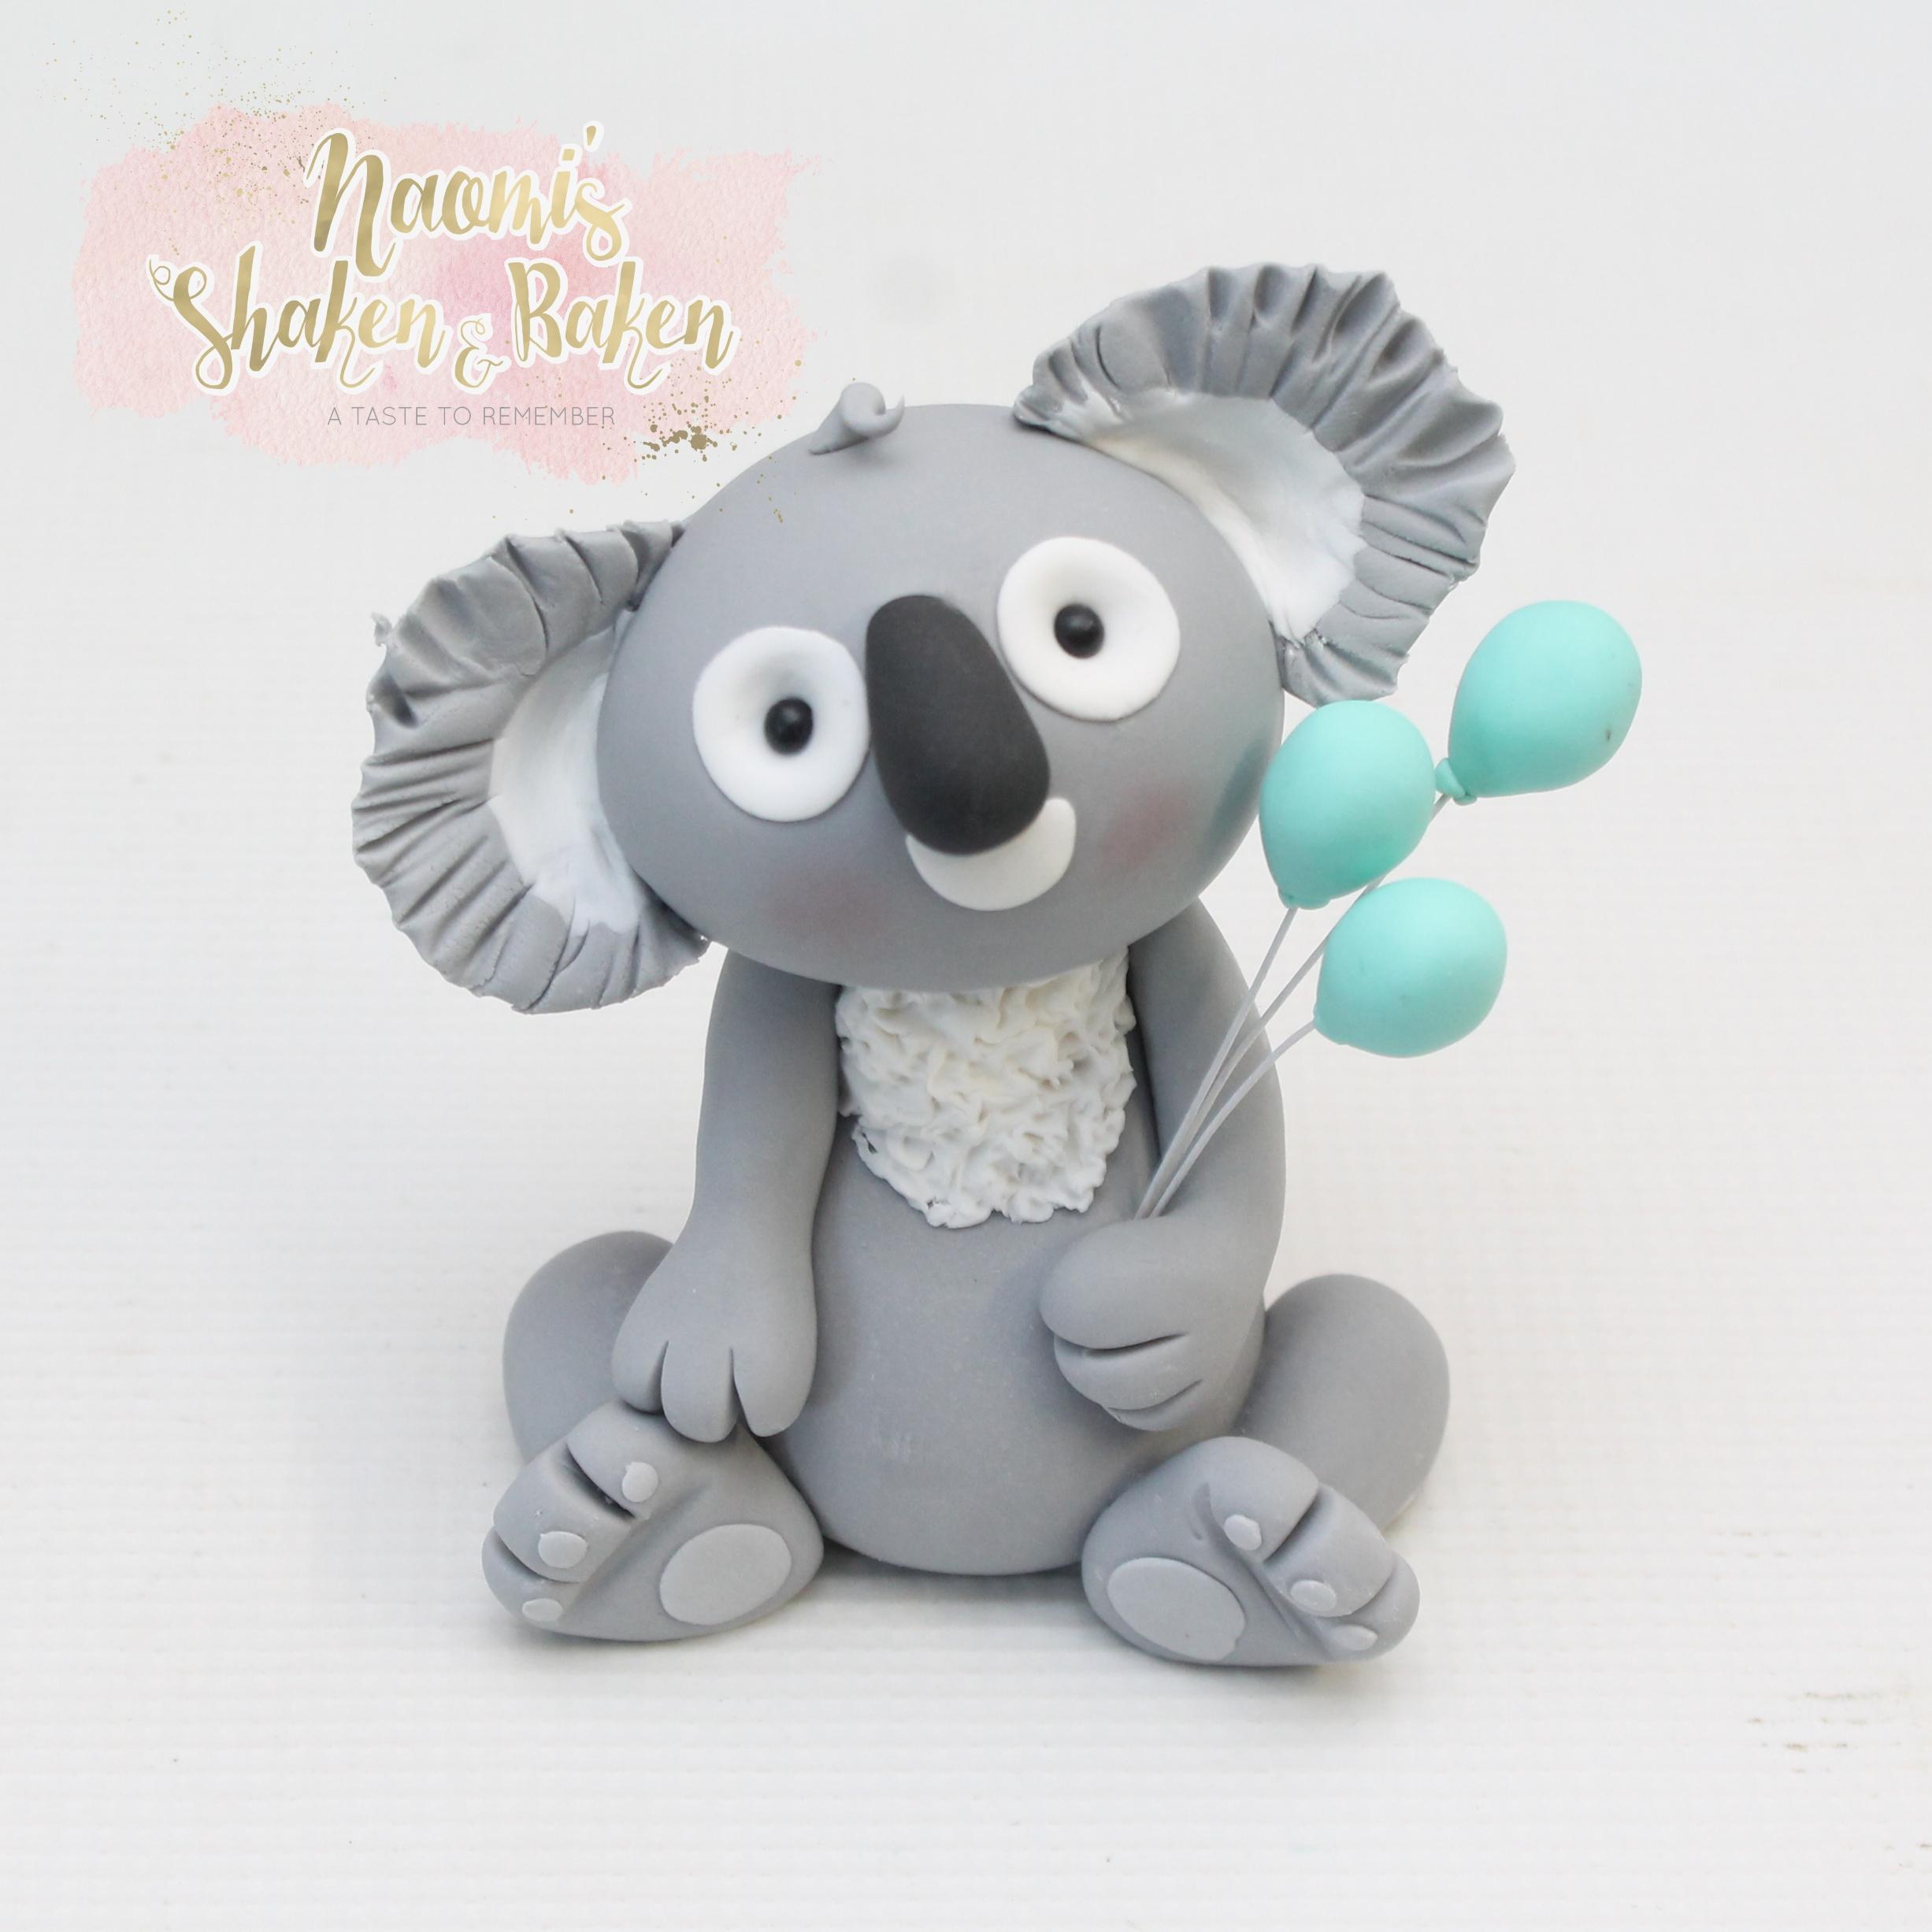 3D Handmade Koala